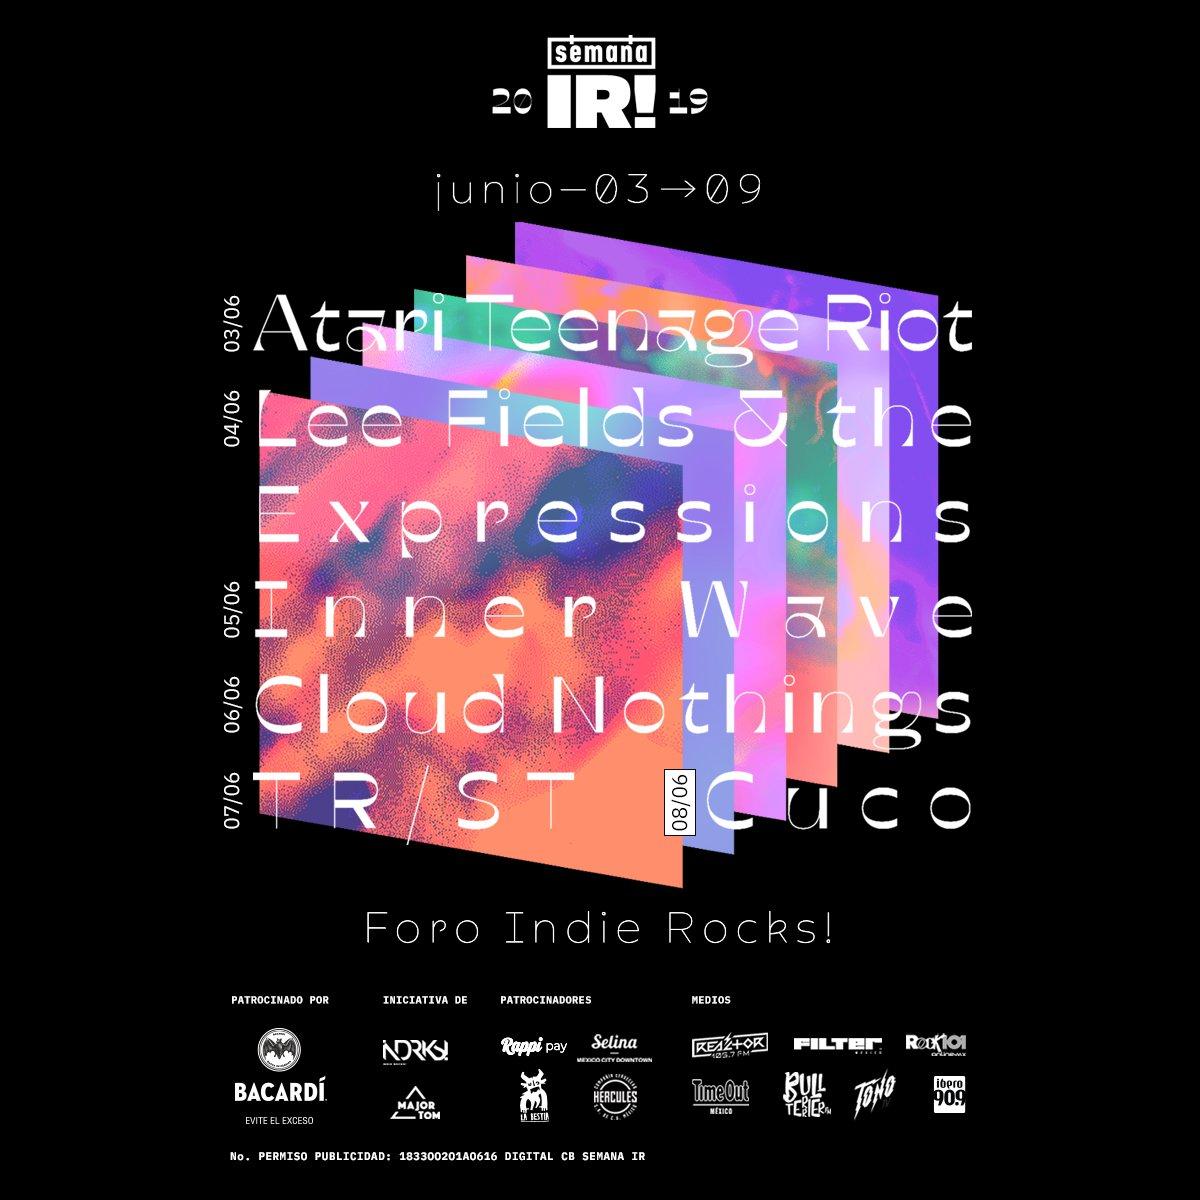 Semana Indie Rocks 2019